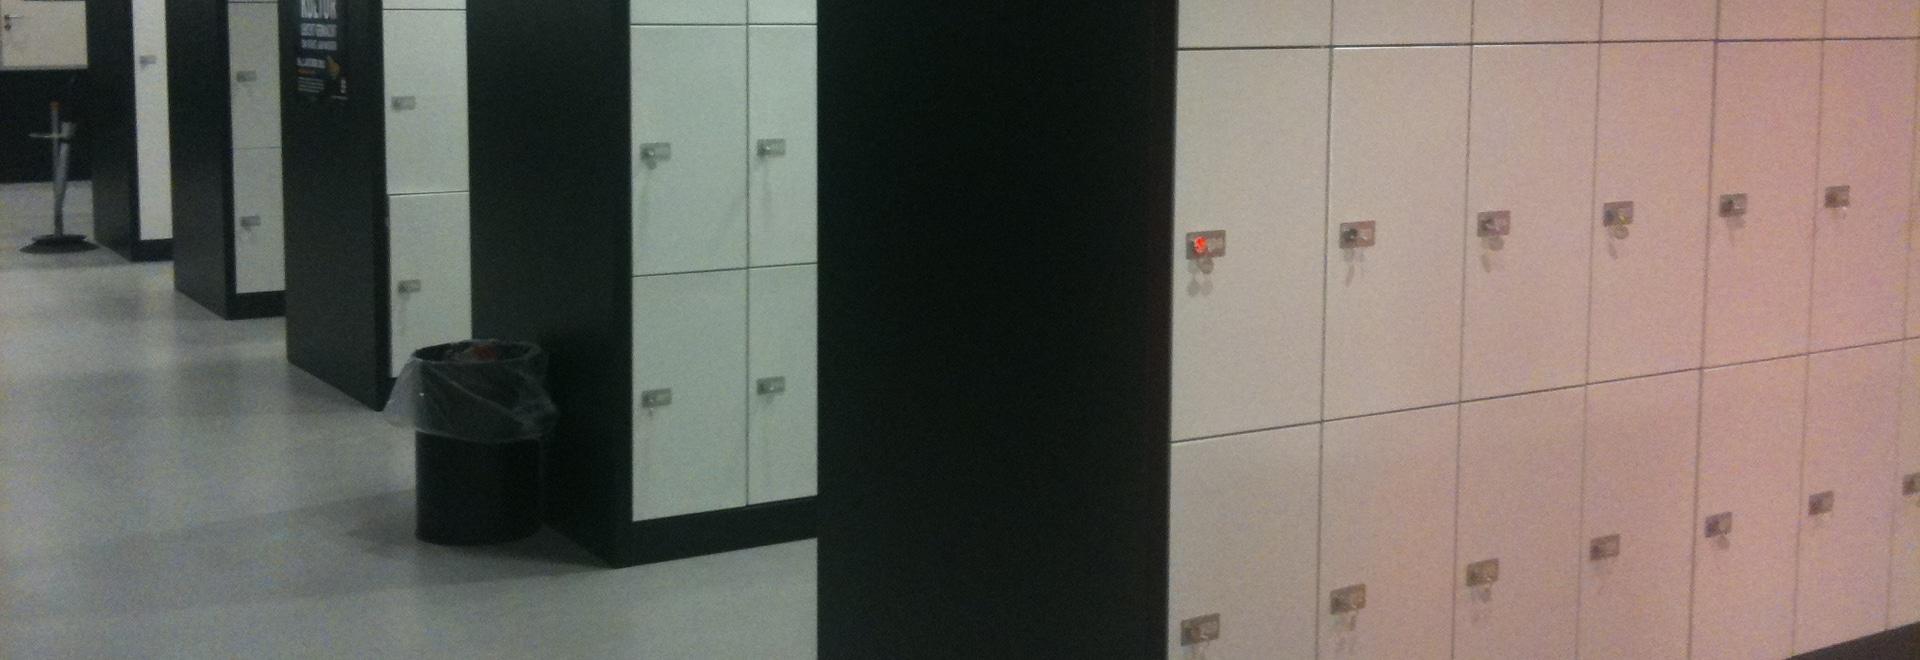 Instalación de los armarios de la escuela